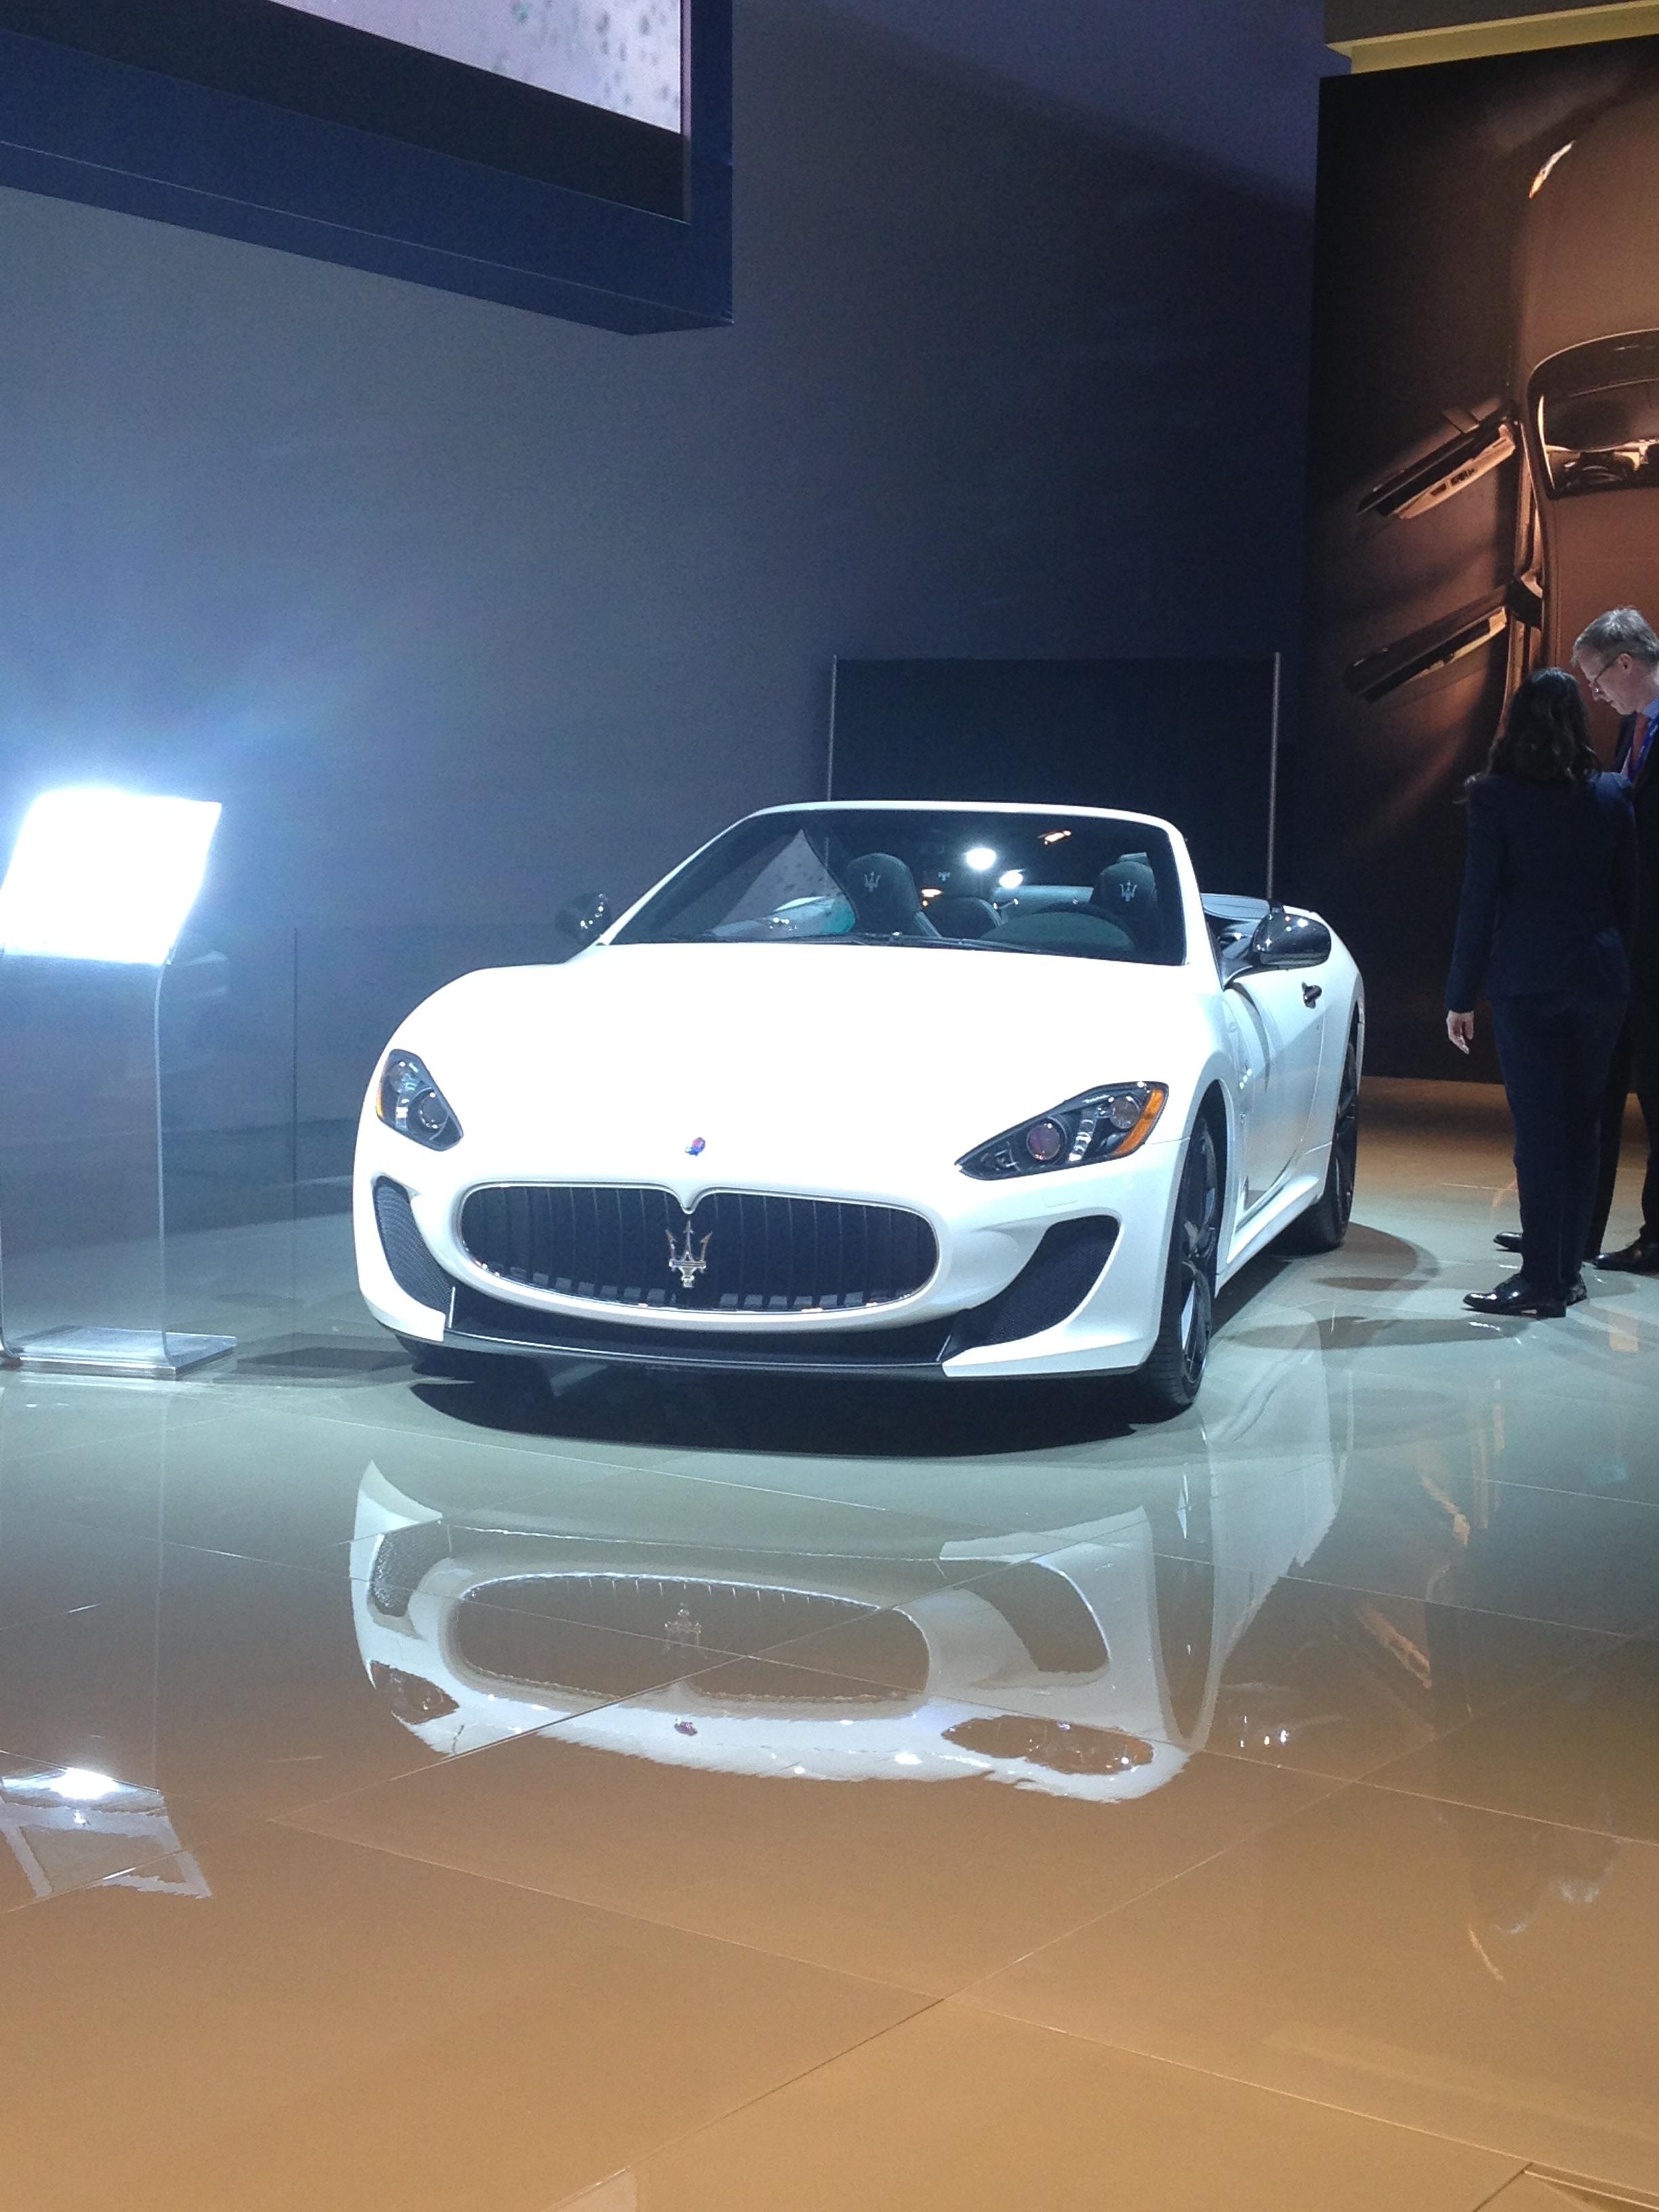 File:2013 Maserati GranCabrio MC (8403026947).jpg - Wikimedia Commons